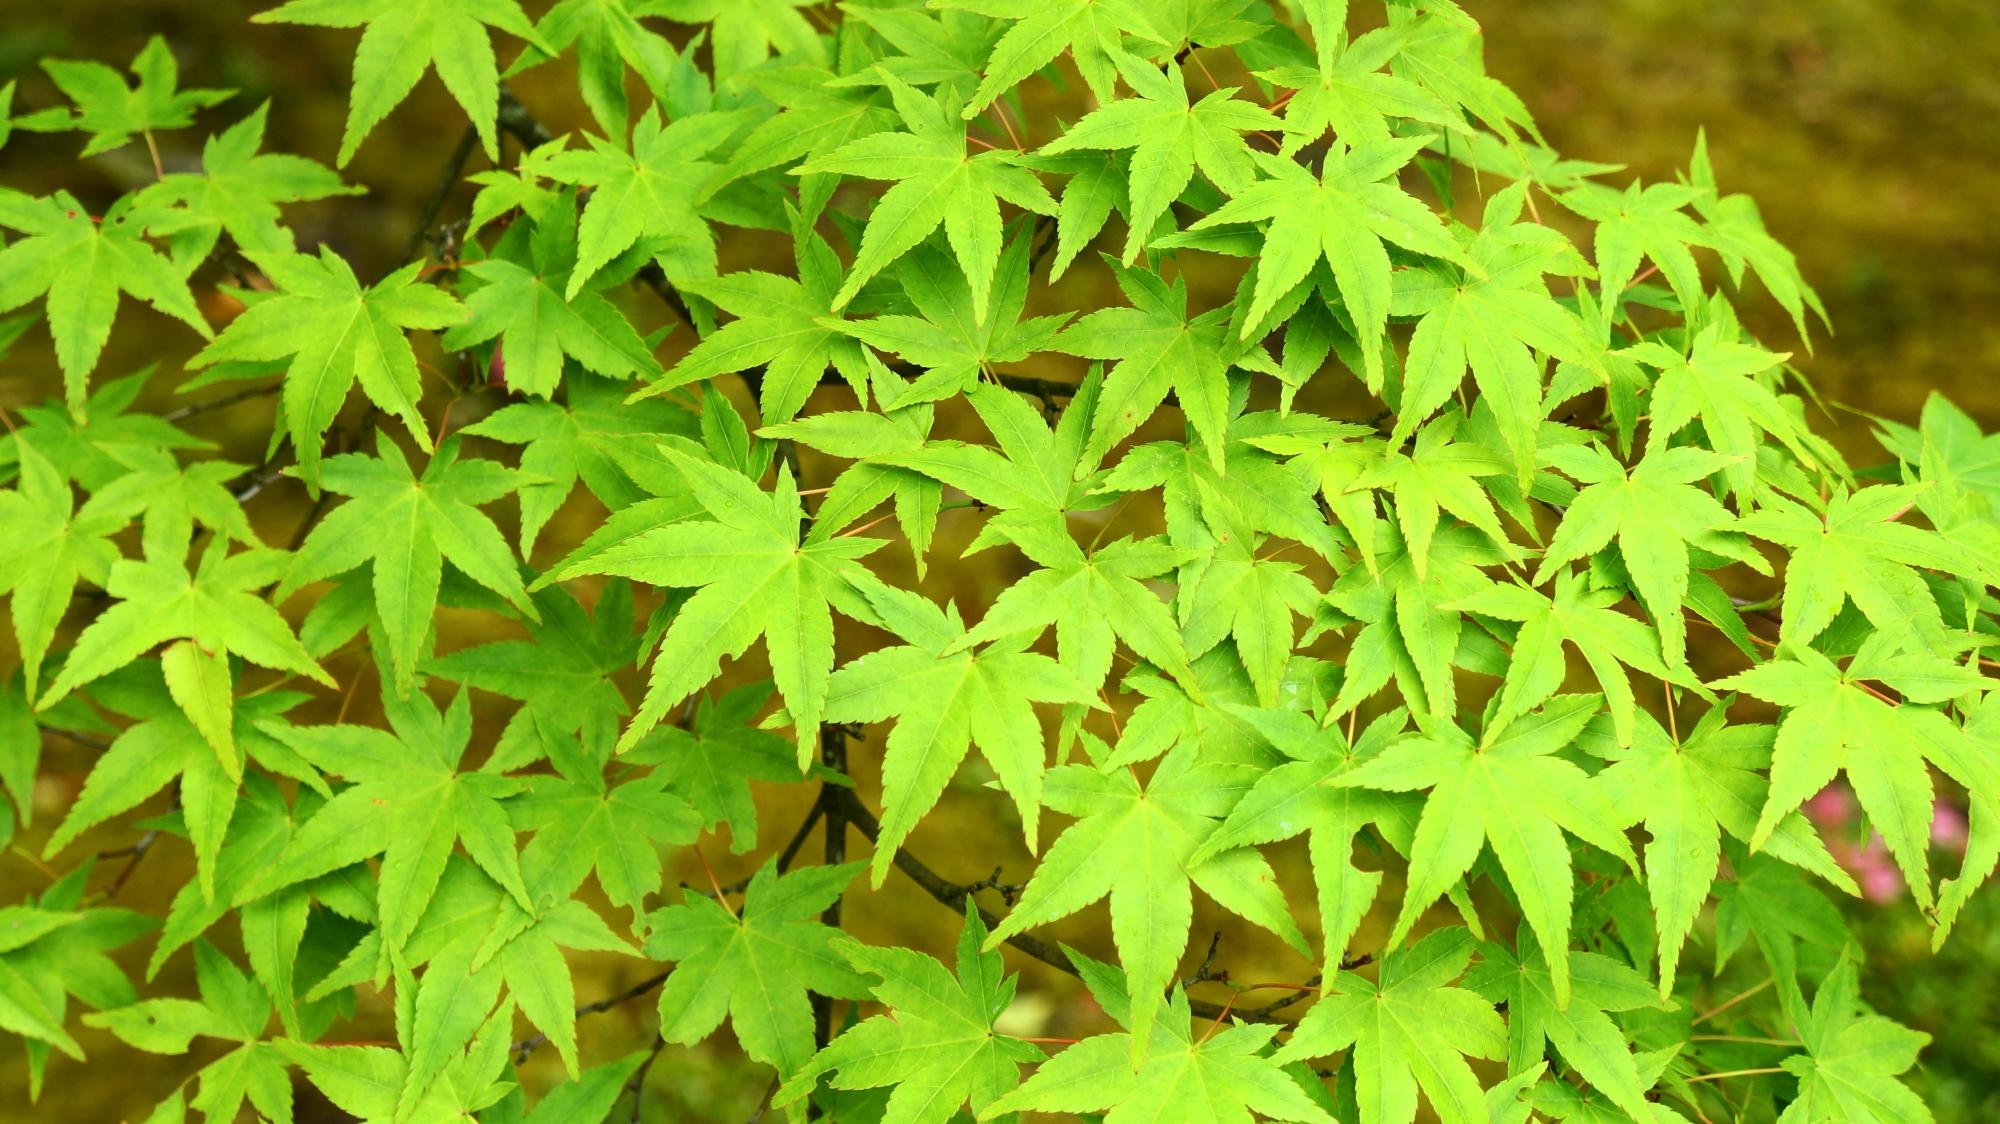 金福寺の美しく爽やかな緑の青もみじ